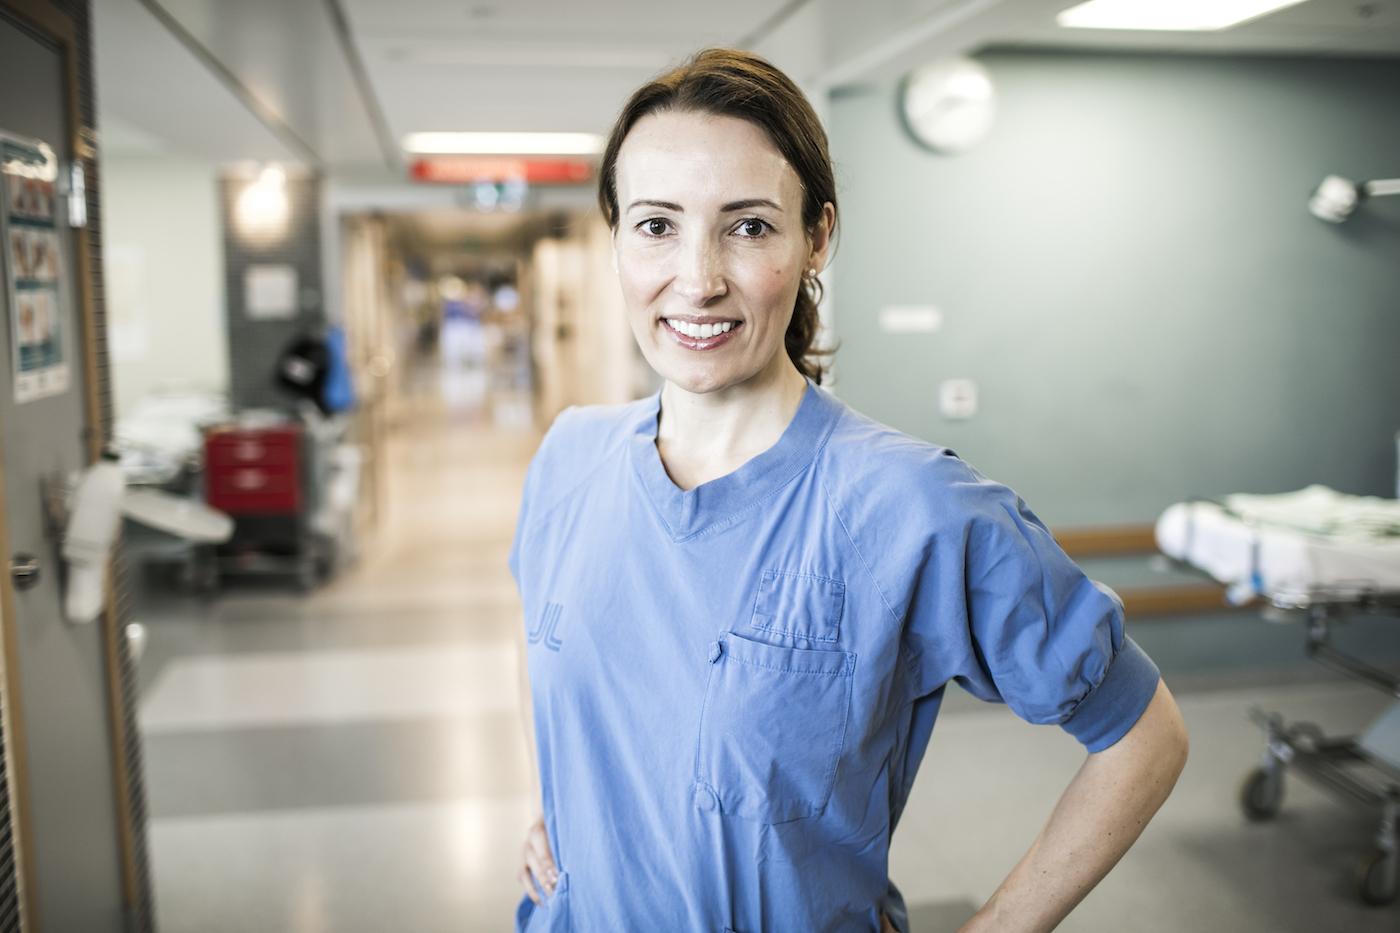 Heidi Stensmyren, Läkarförbundets ordförande. Foto: Rickard L Eriksson